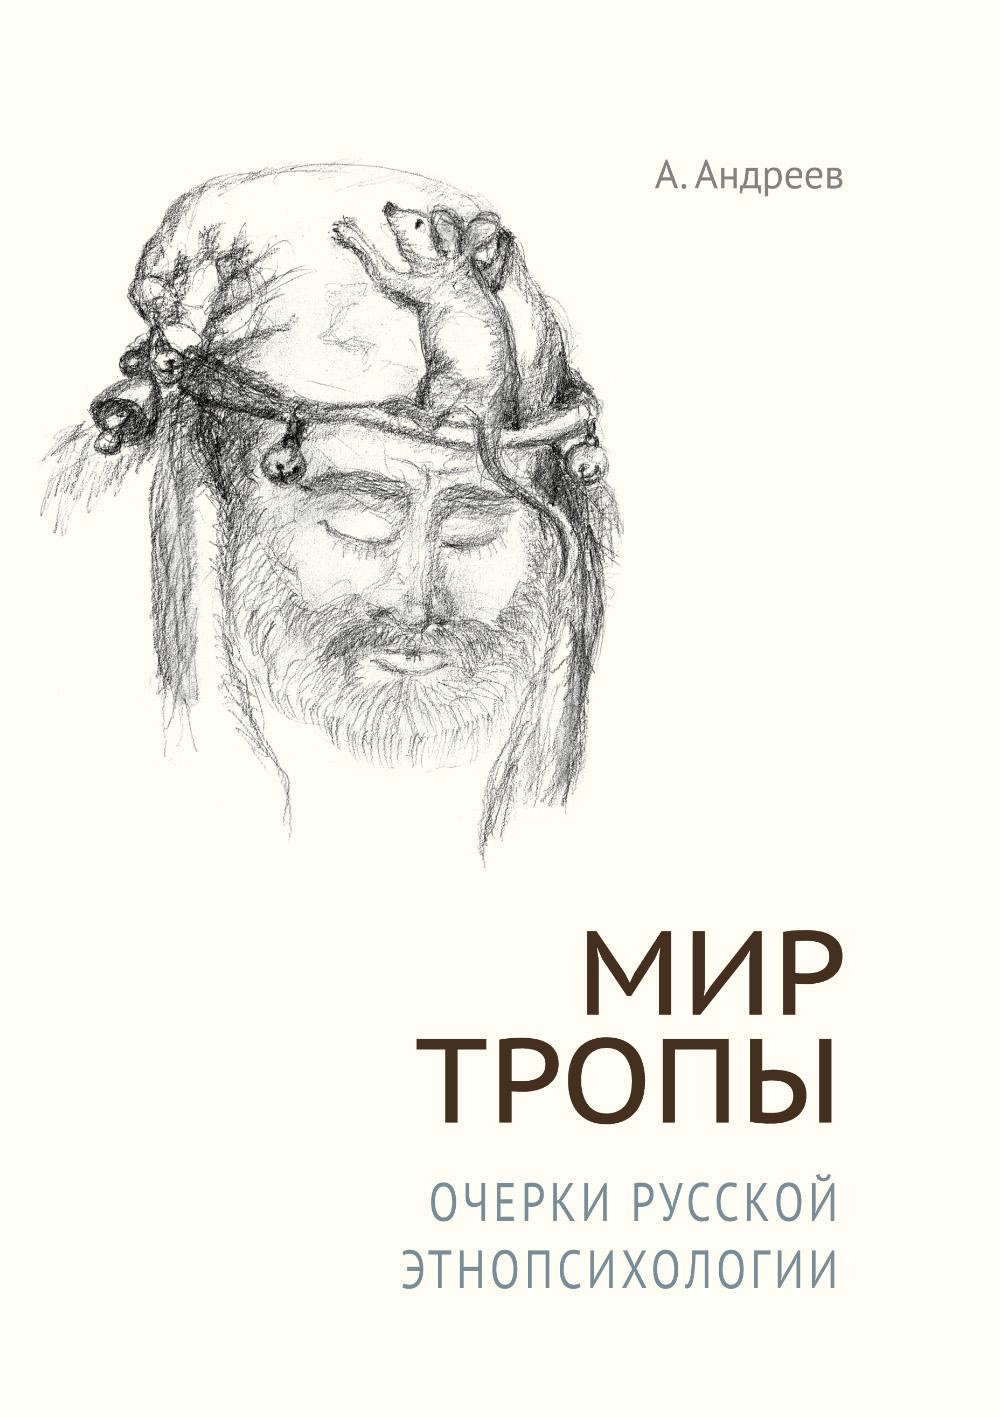 Александр Шевцов (Андреев) Мир Тропы. Очерки русской этнопсихологии